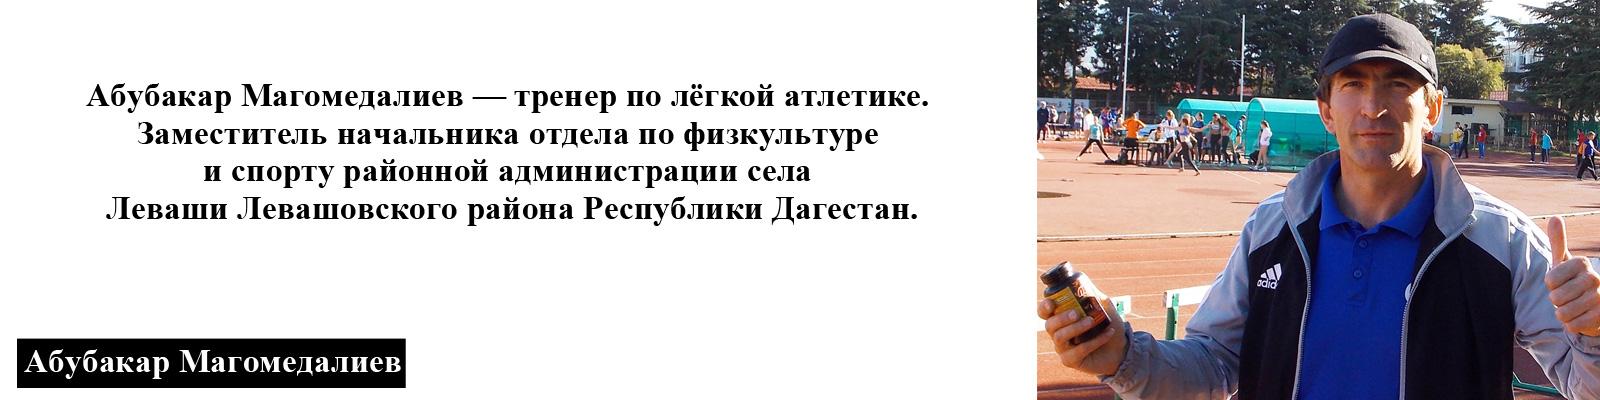 Магомедалиев - тренер по легкой атлетике рекомендует Леветон